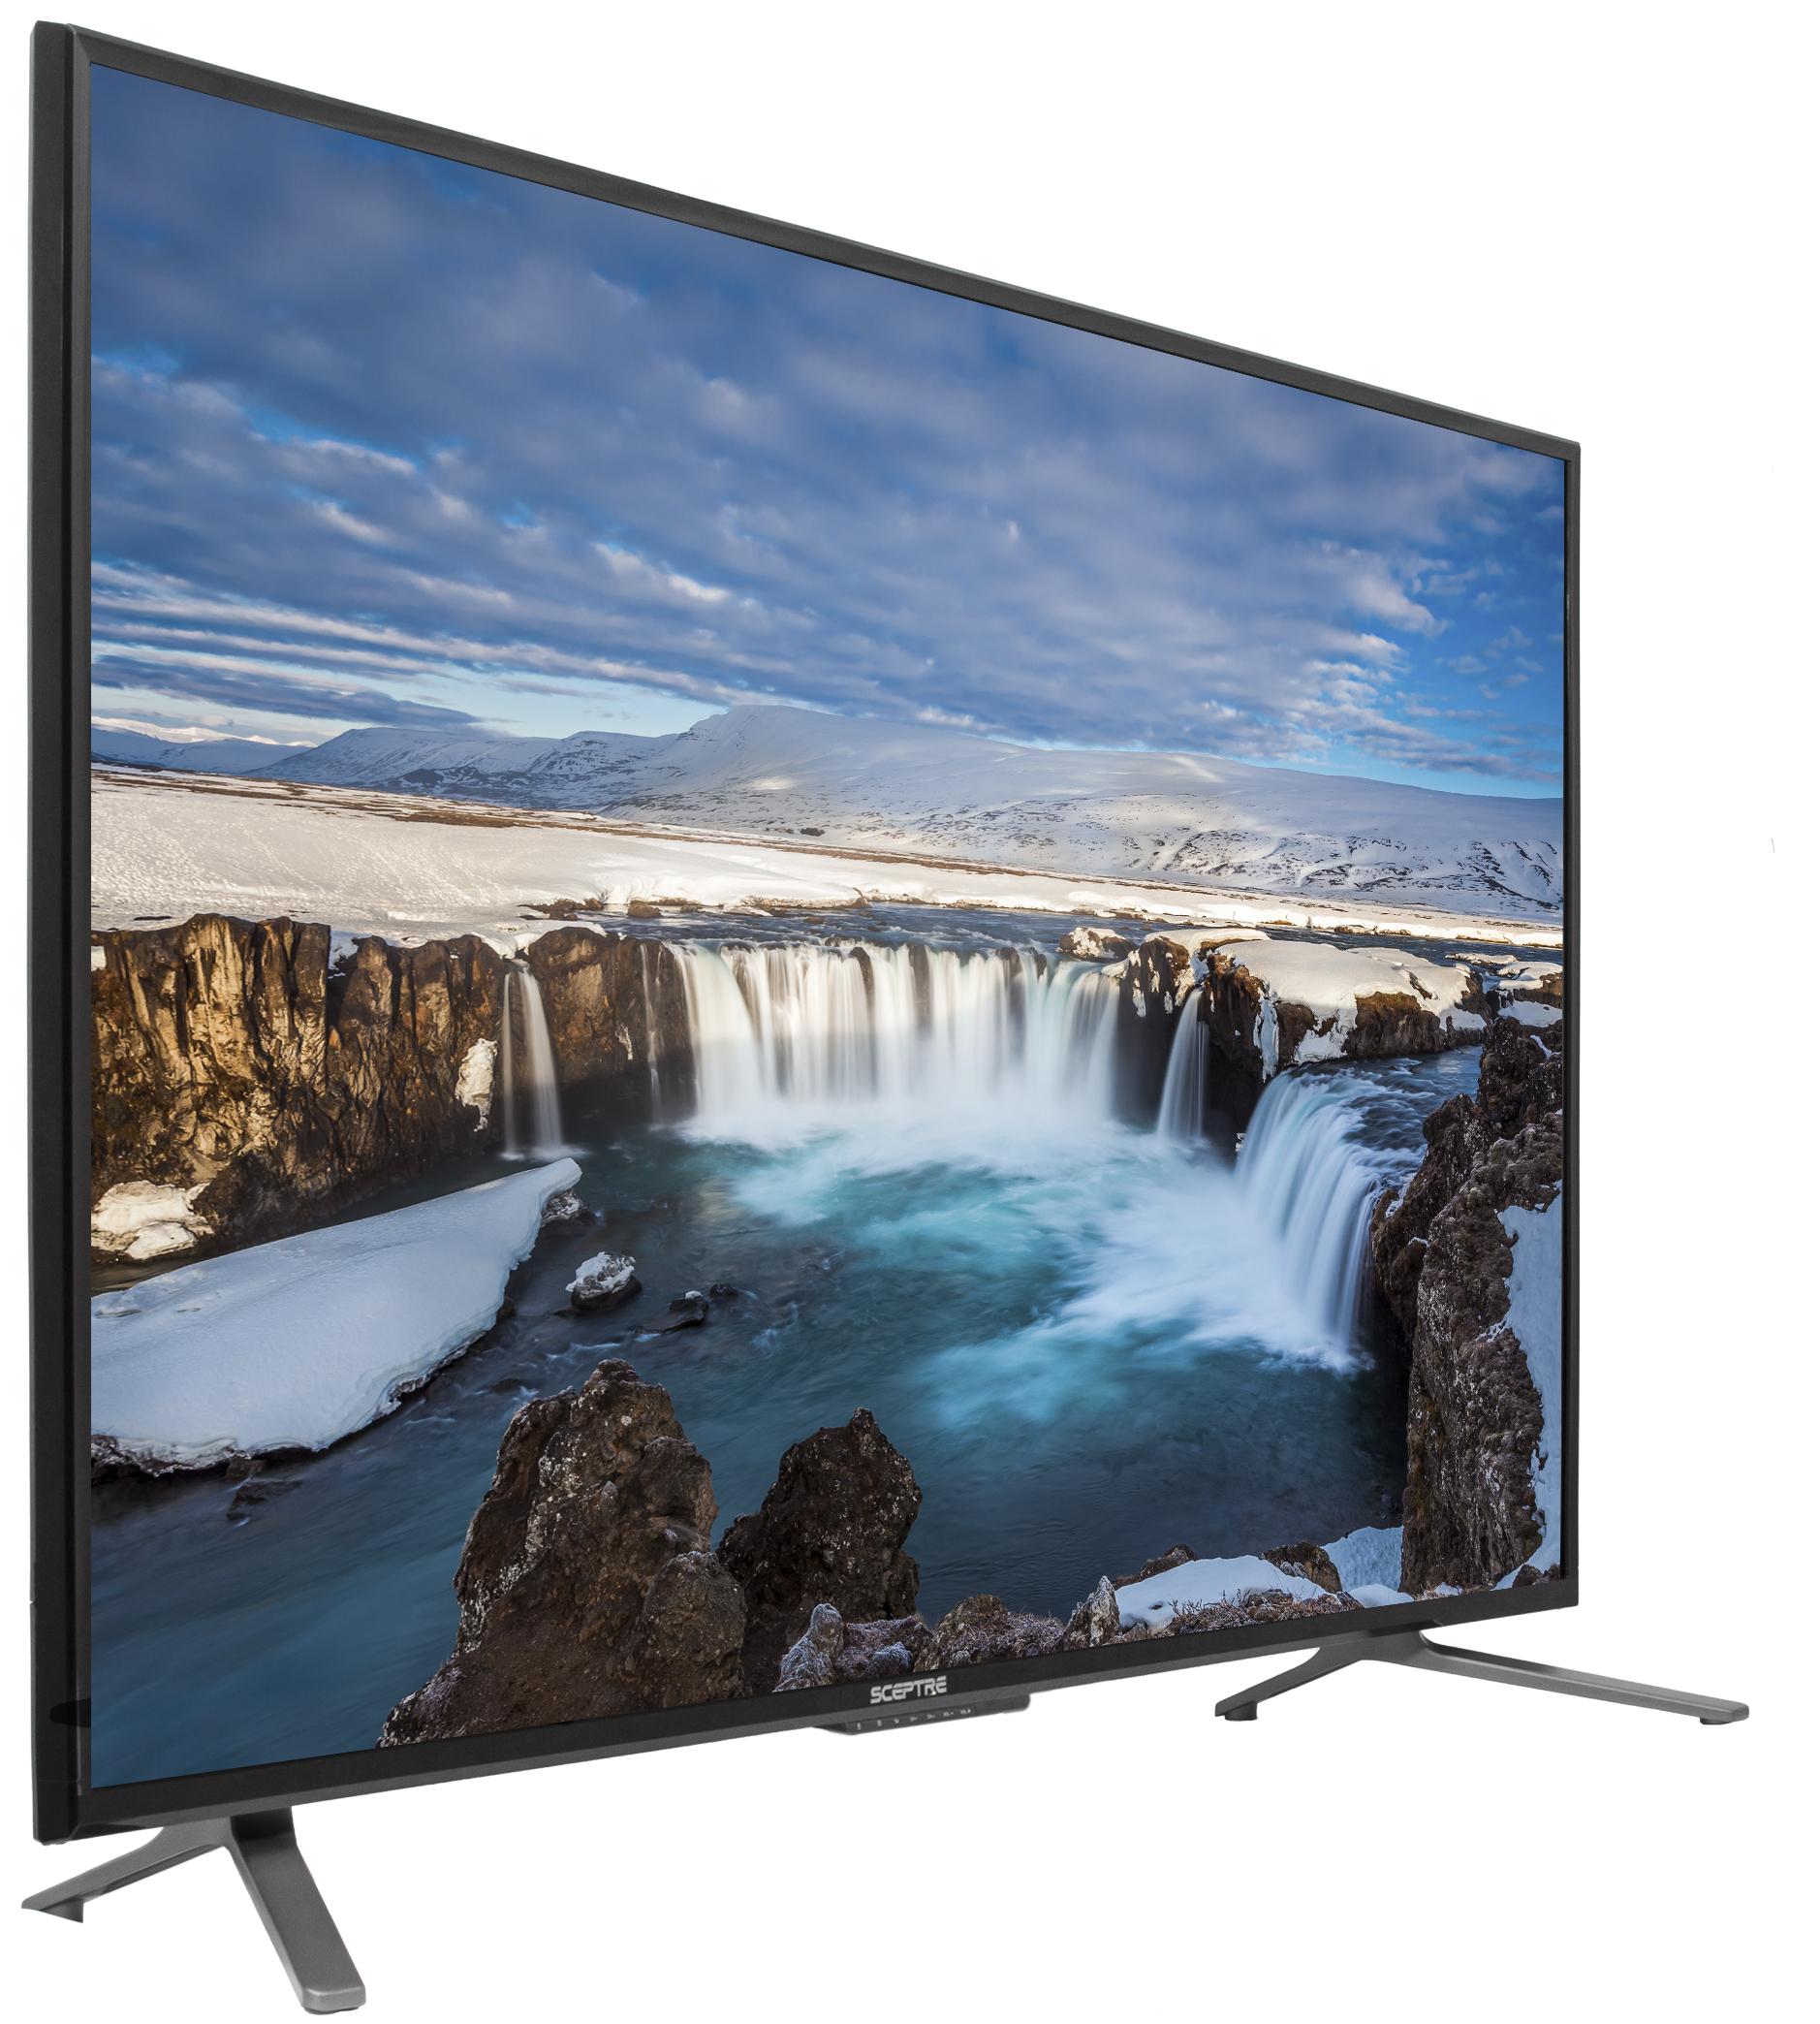 """Sceptre 55"""" Class 4K (2160P) LED TV (U550CV-U)"""